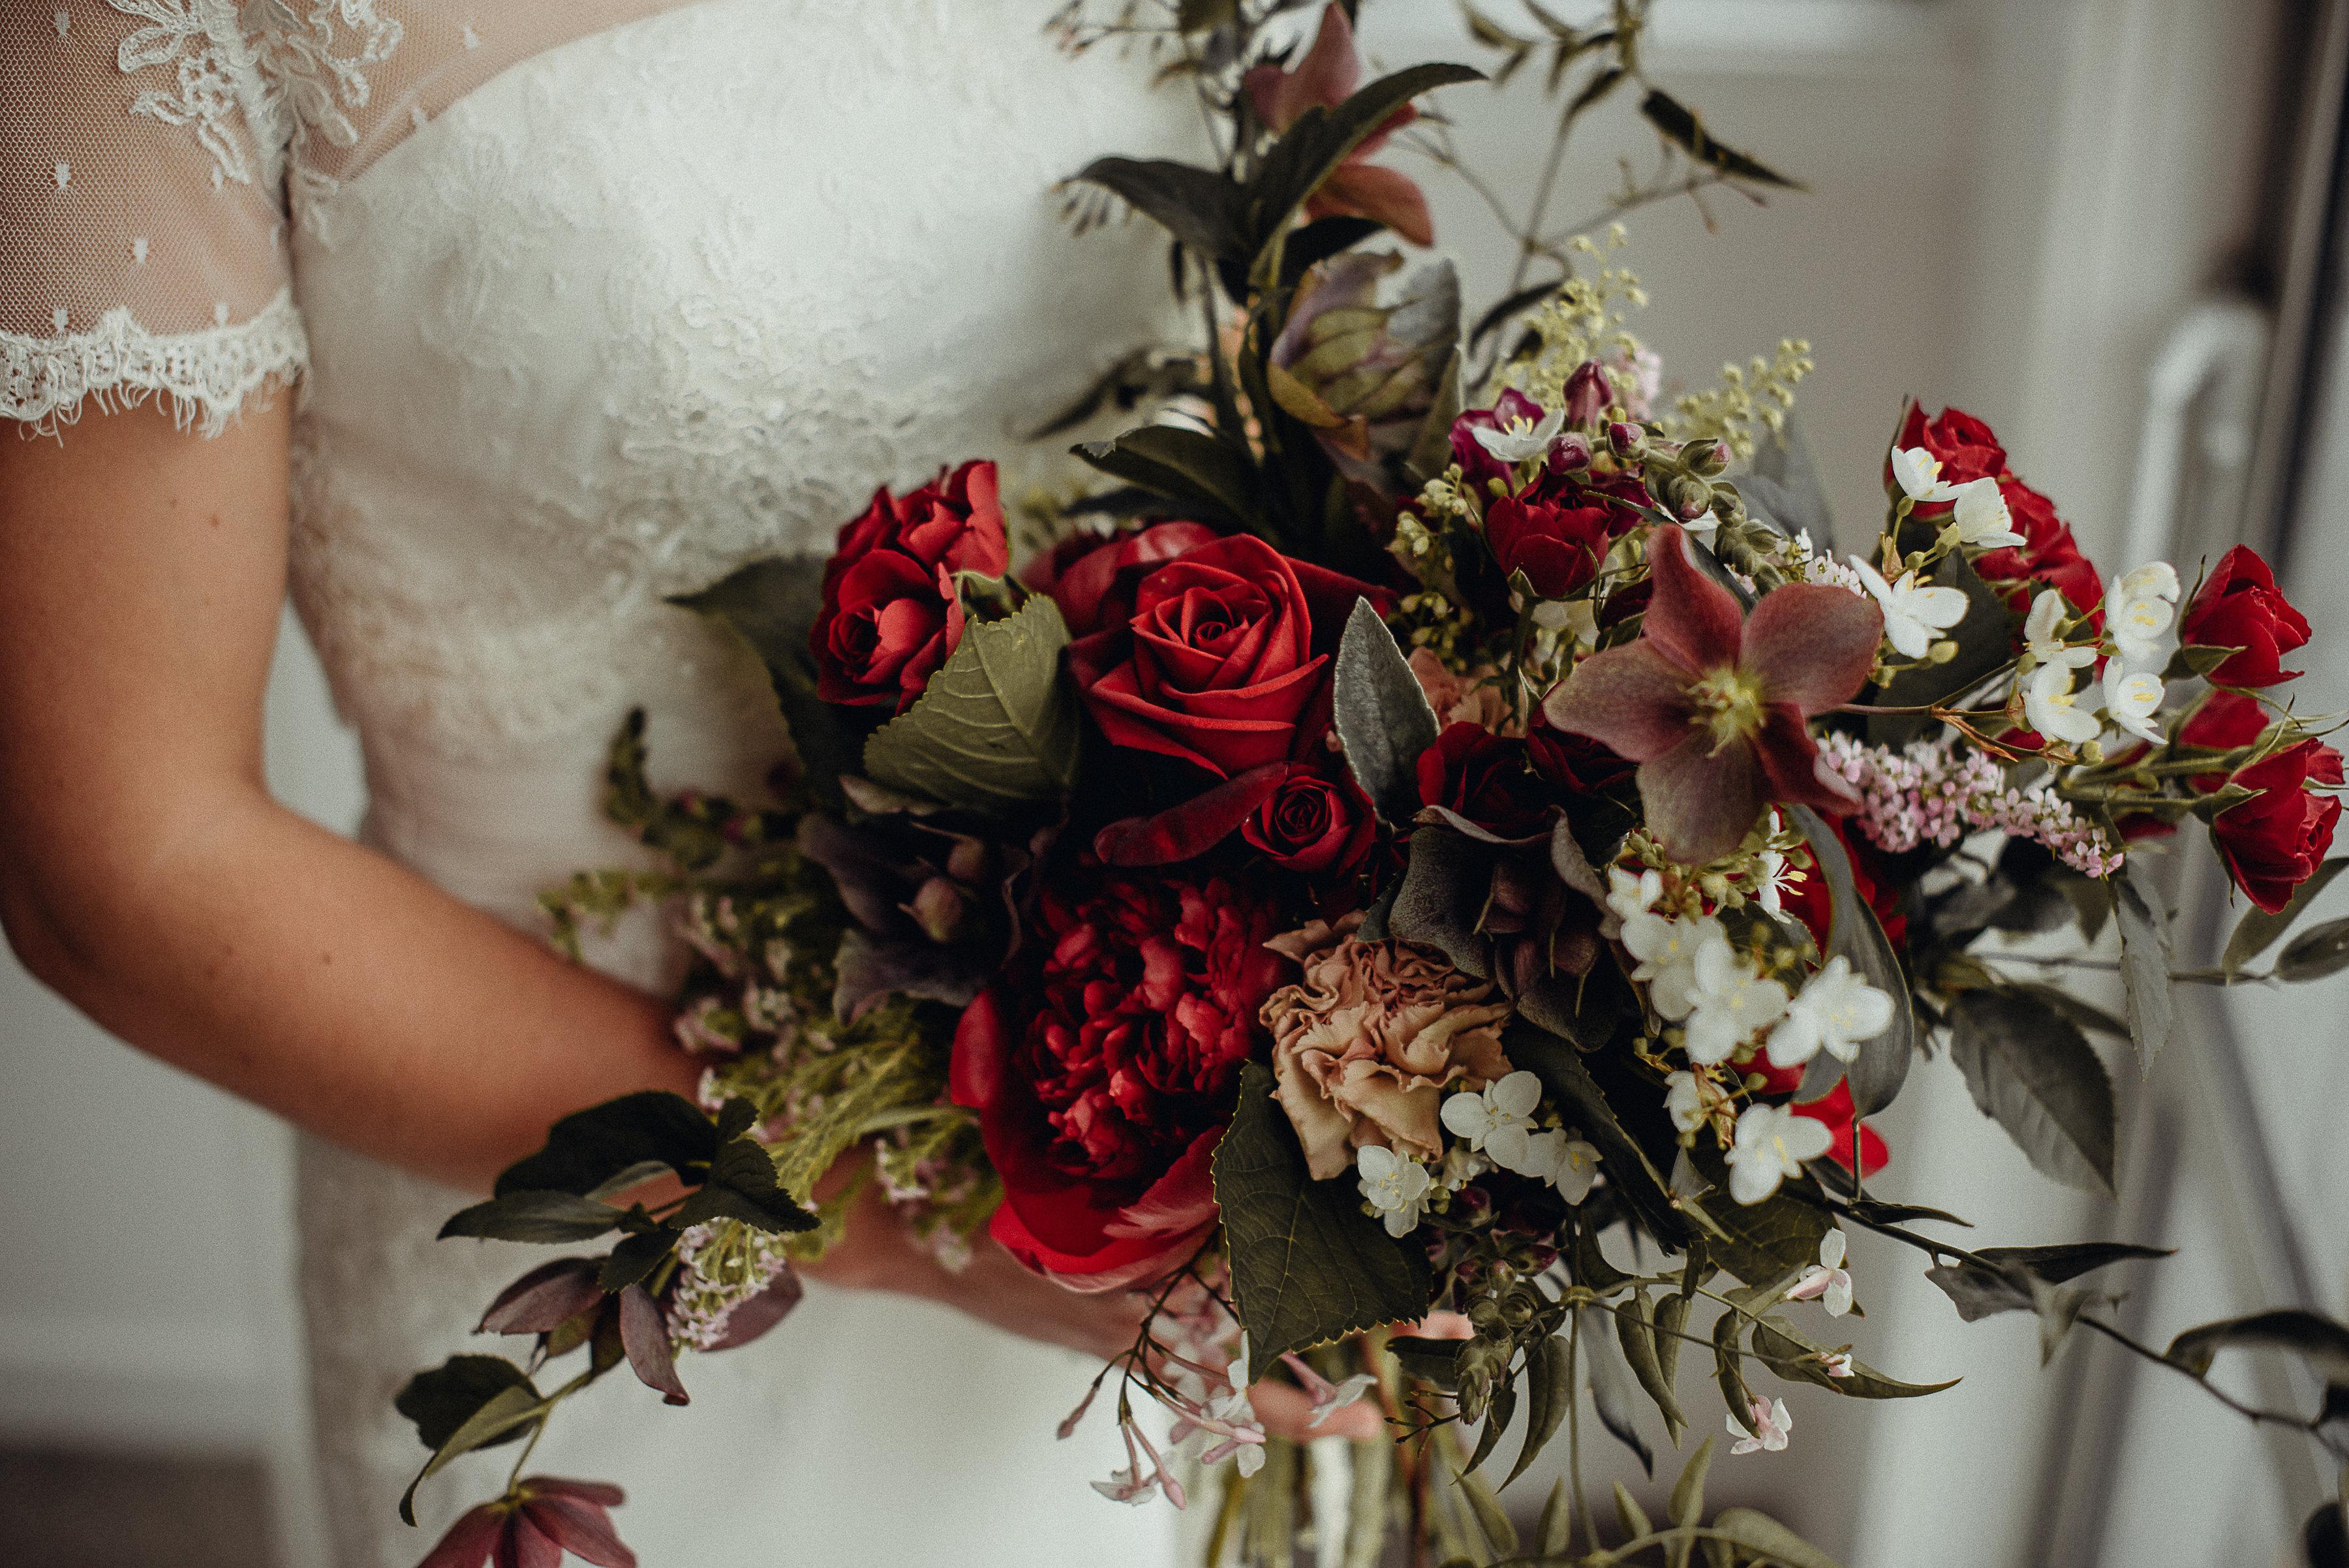 acorn-photography-estelle-flowers